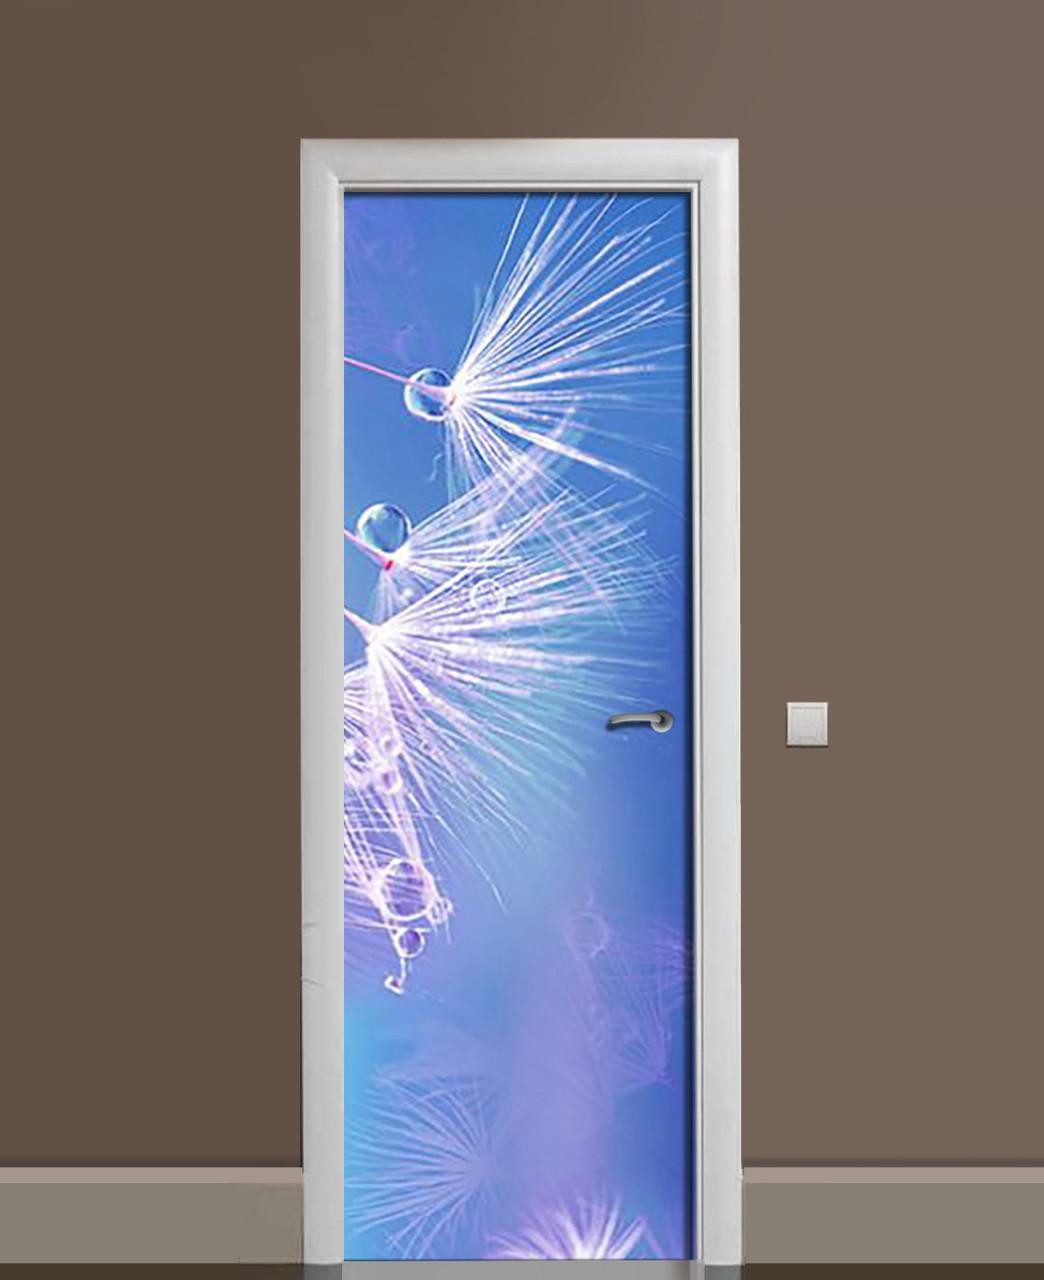 Вінілова наклейка на двері Пушинки кульбаби ПВХ плівка з ламінуванням 65*200см рослини Блакитний